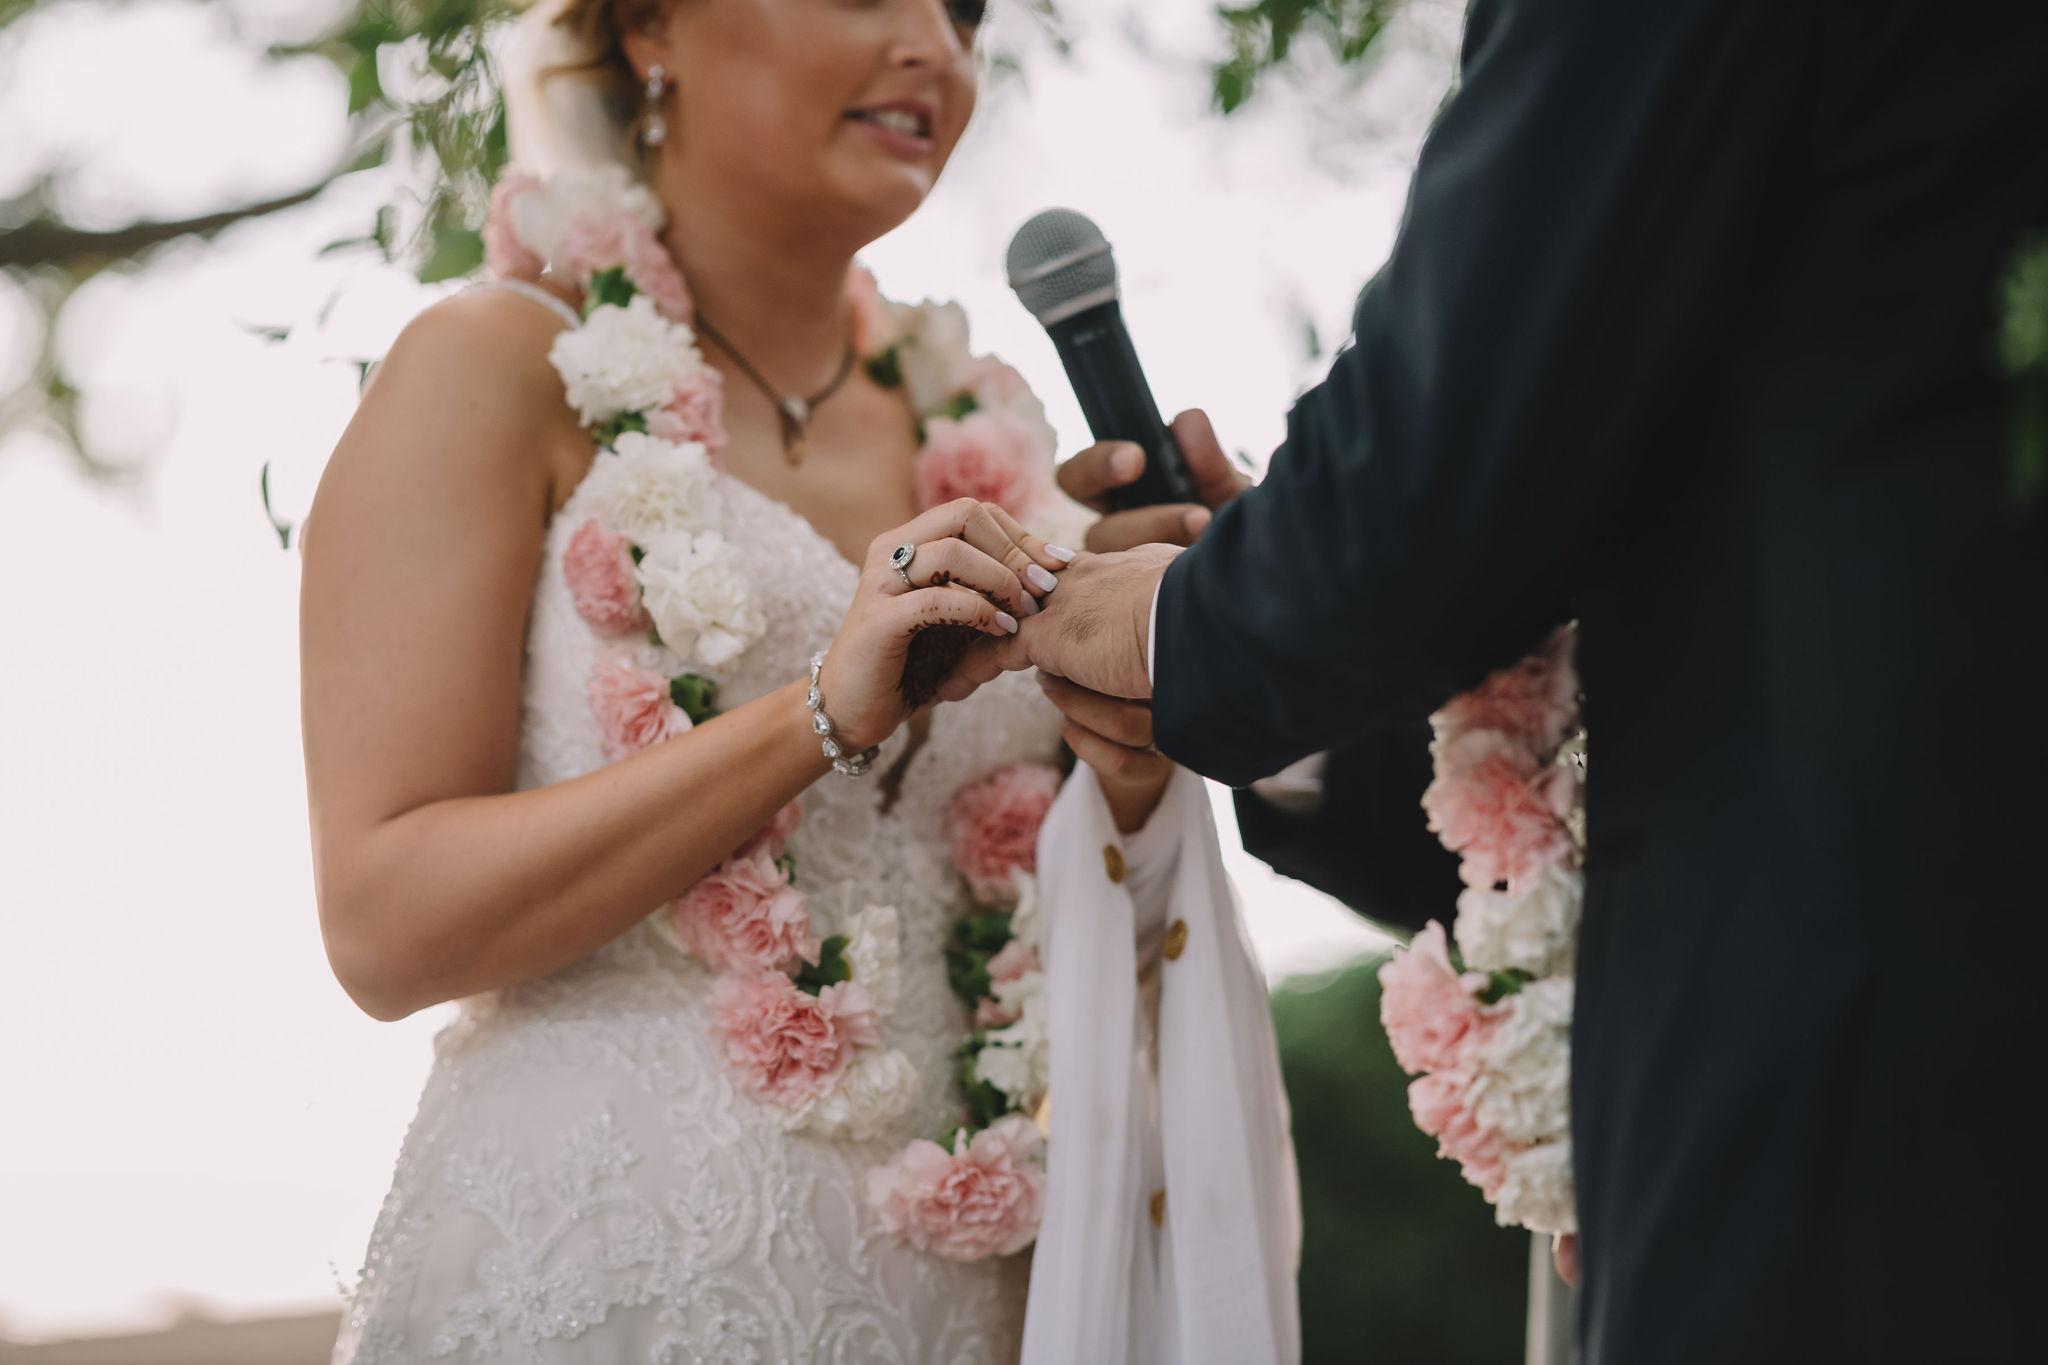 Rachel and Jimmy exchange wedding rings.